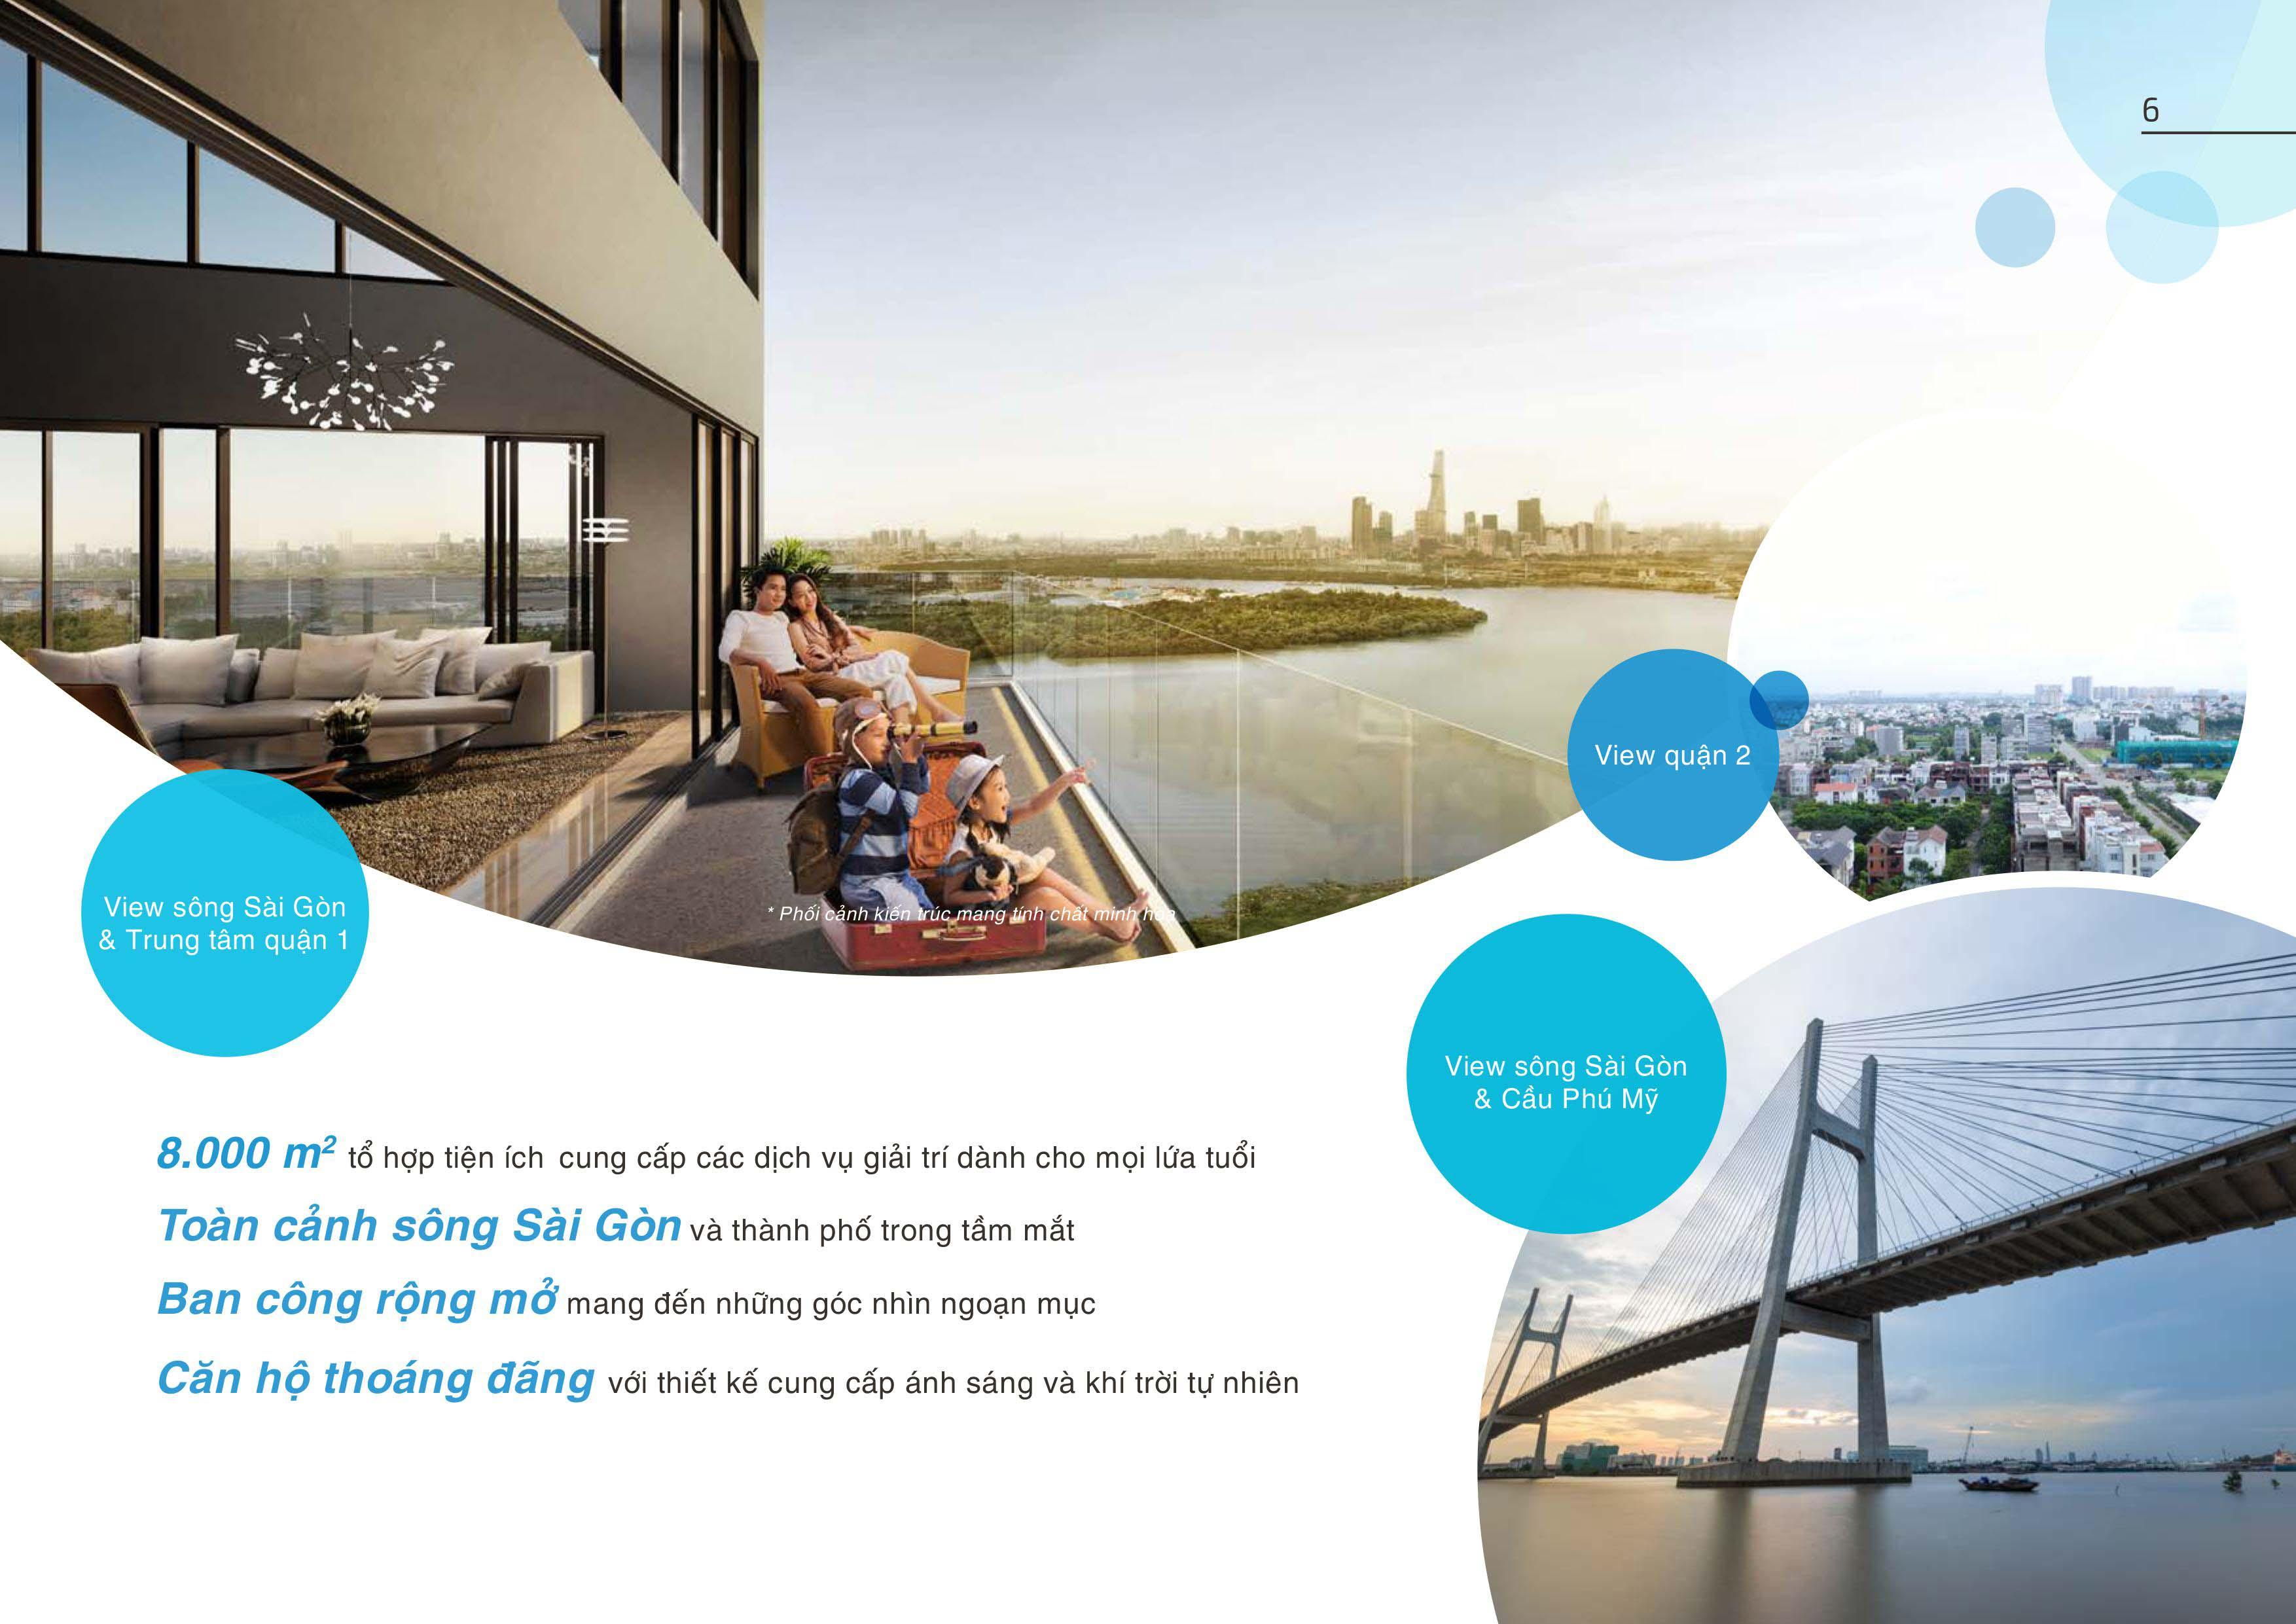 Dự án căn hộ One Verandah với thiết kế tinh tế hấp dẫn nhiều khách hàng